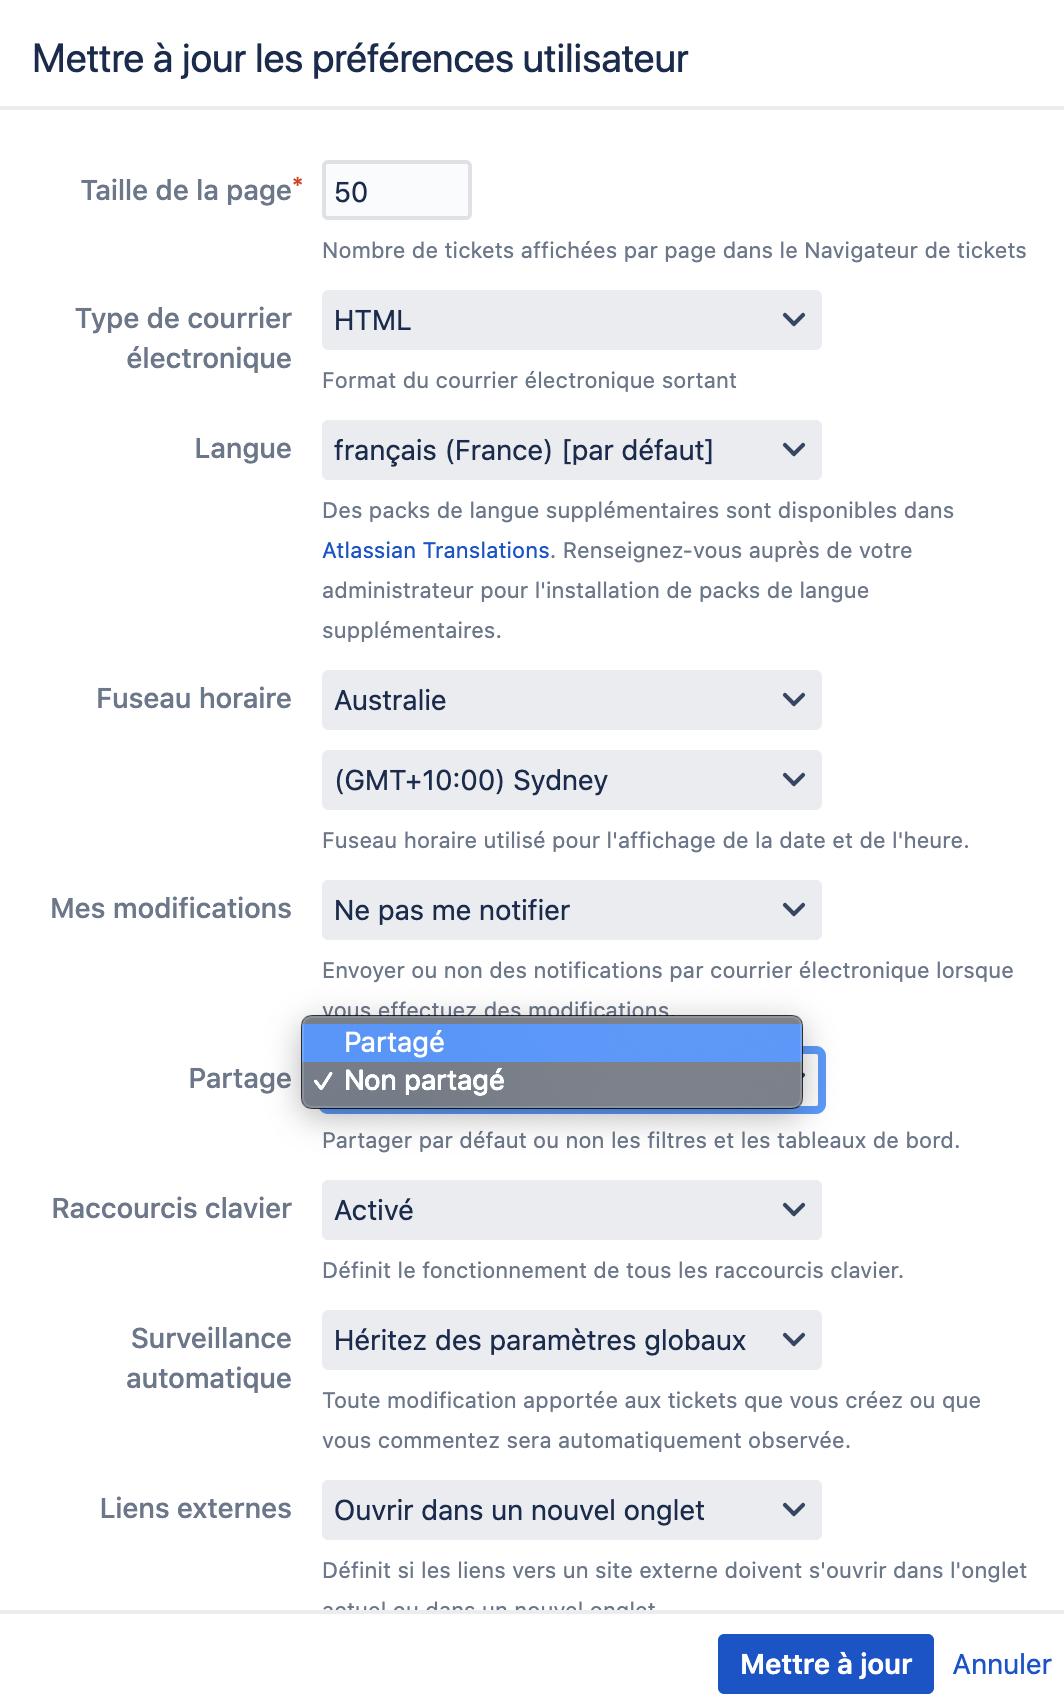 Partage de filtres Jira automatique